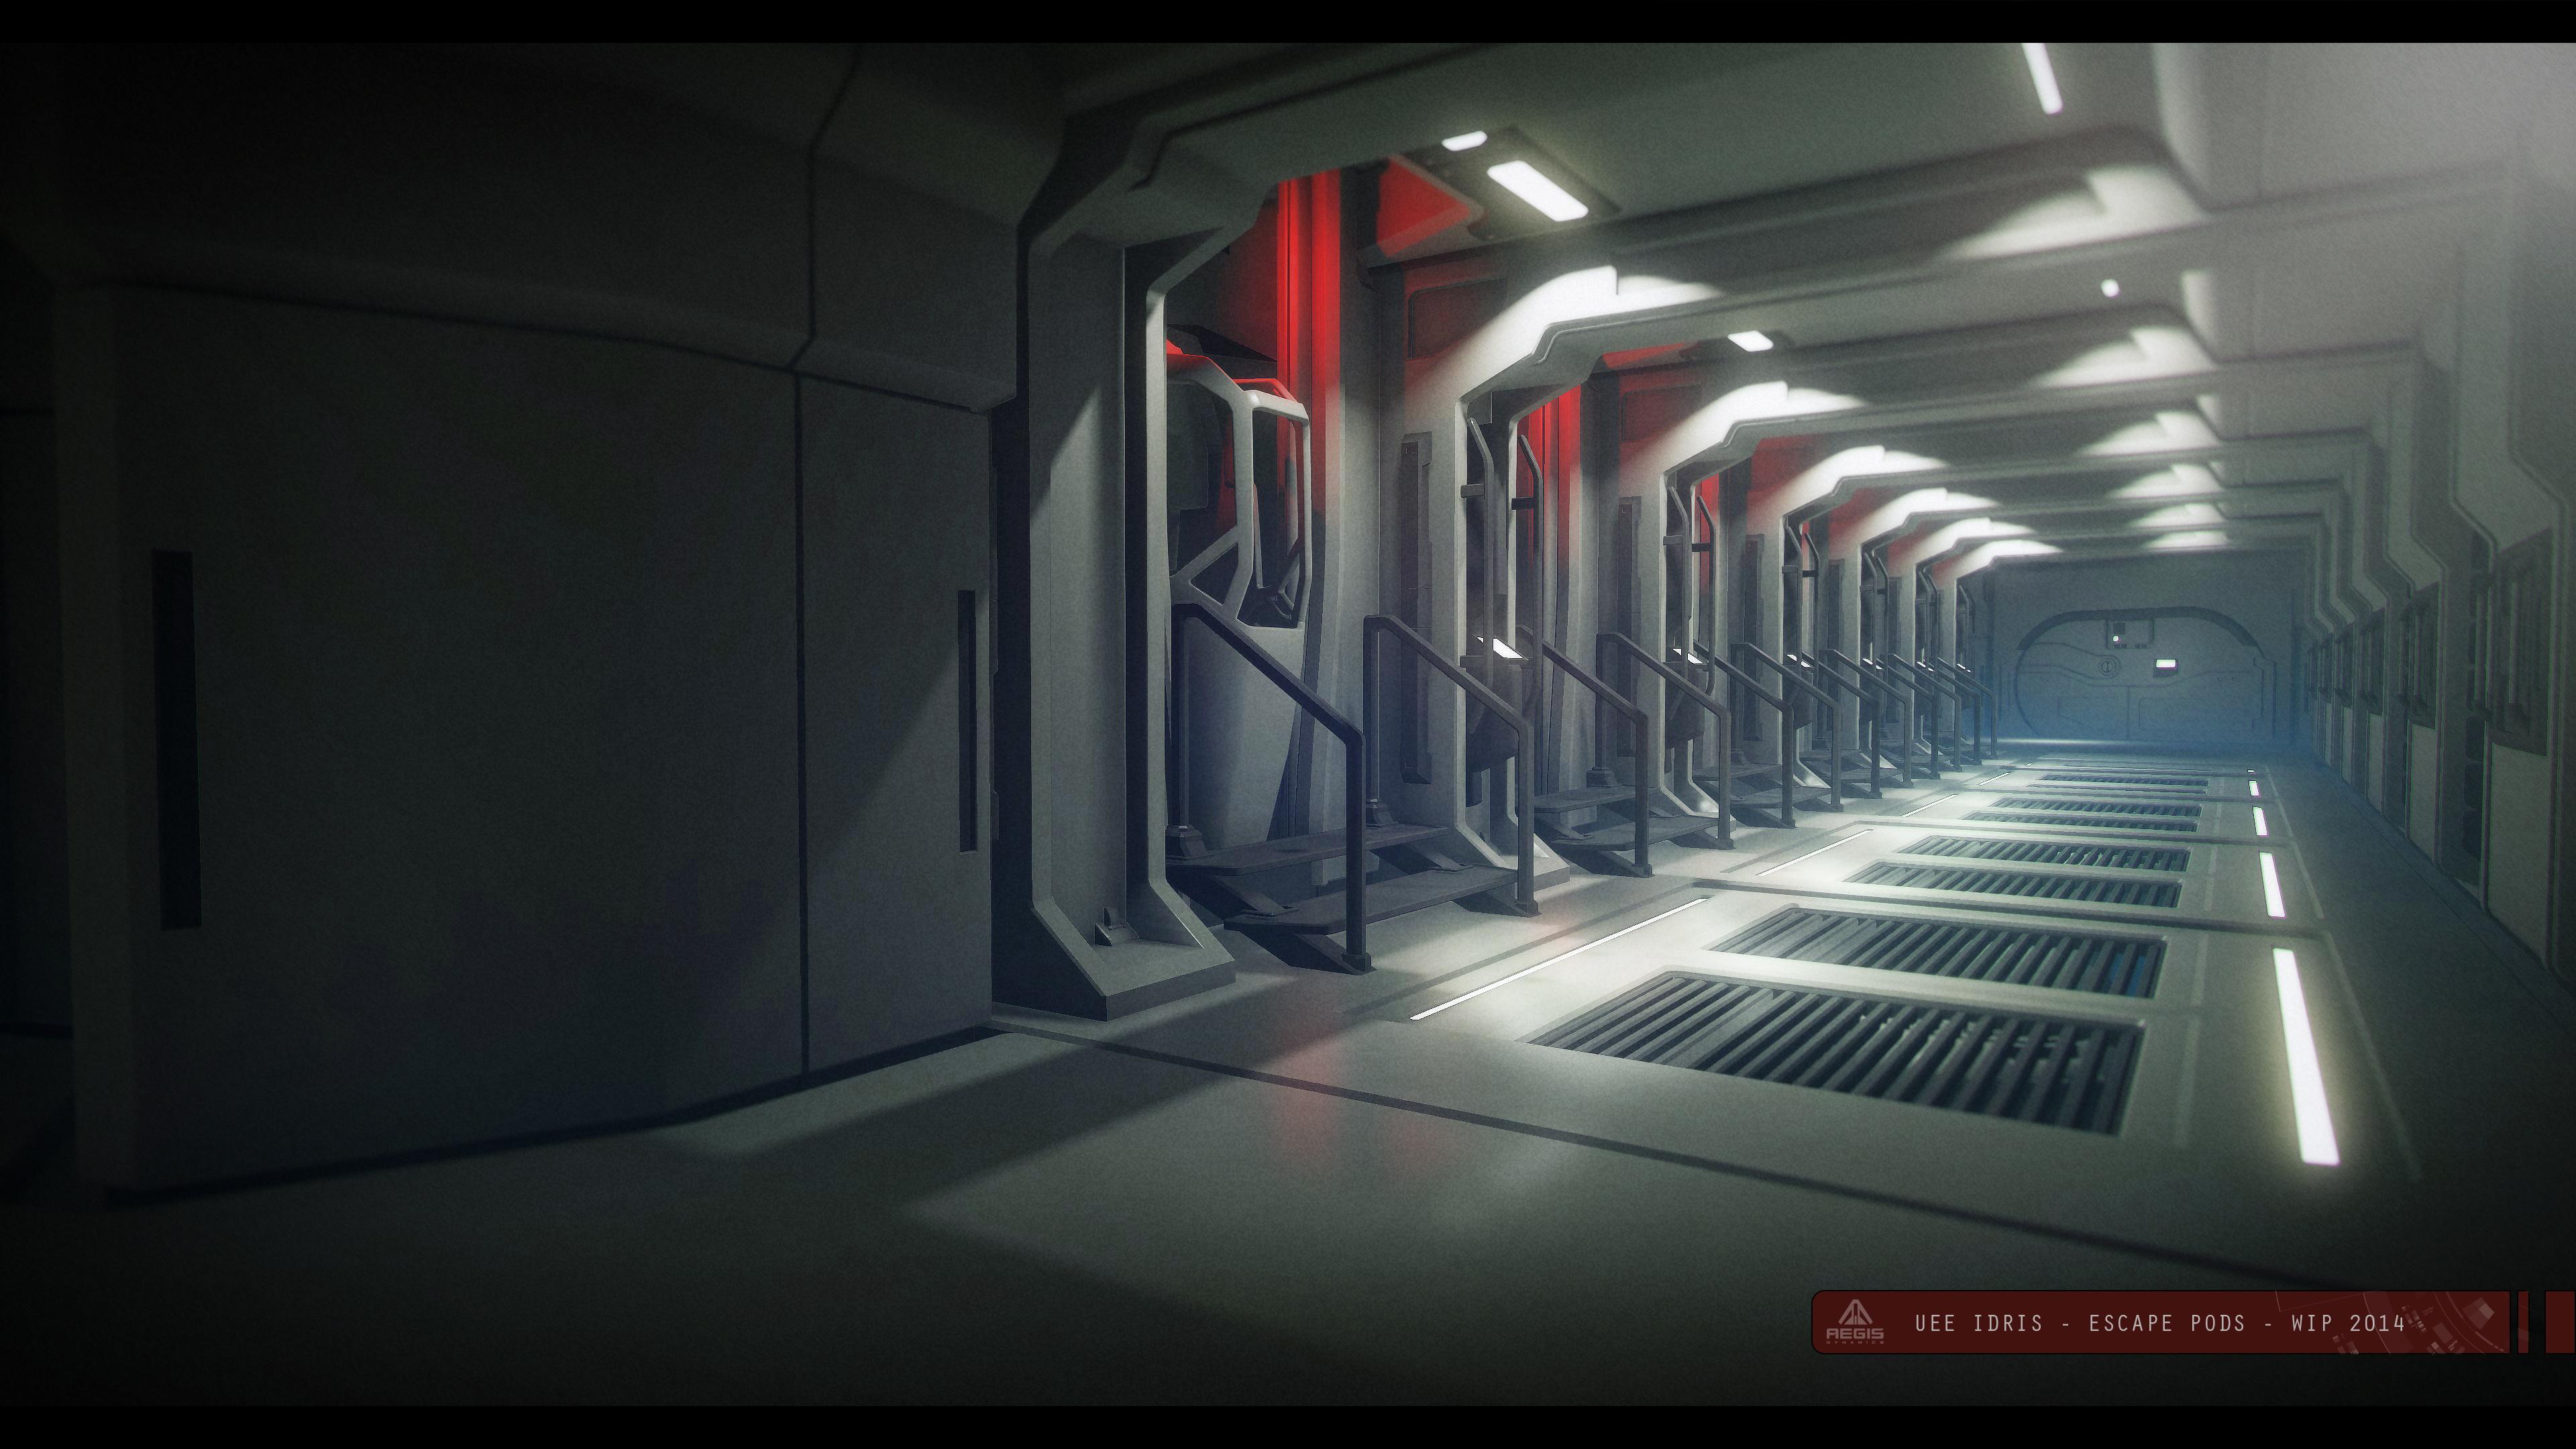 IDRIS_Escape-Pods2.jpg